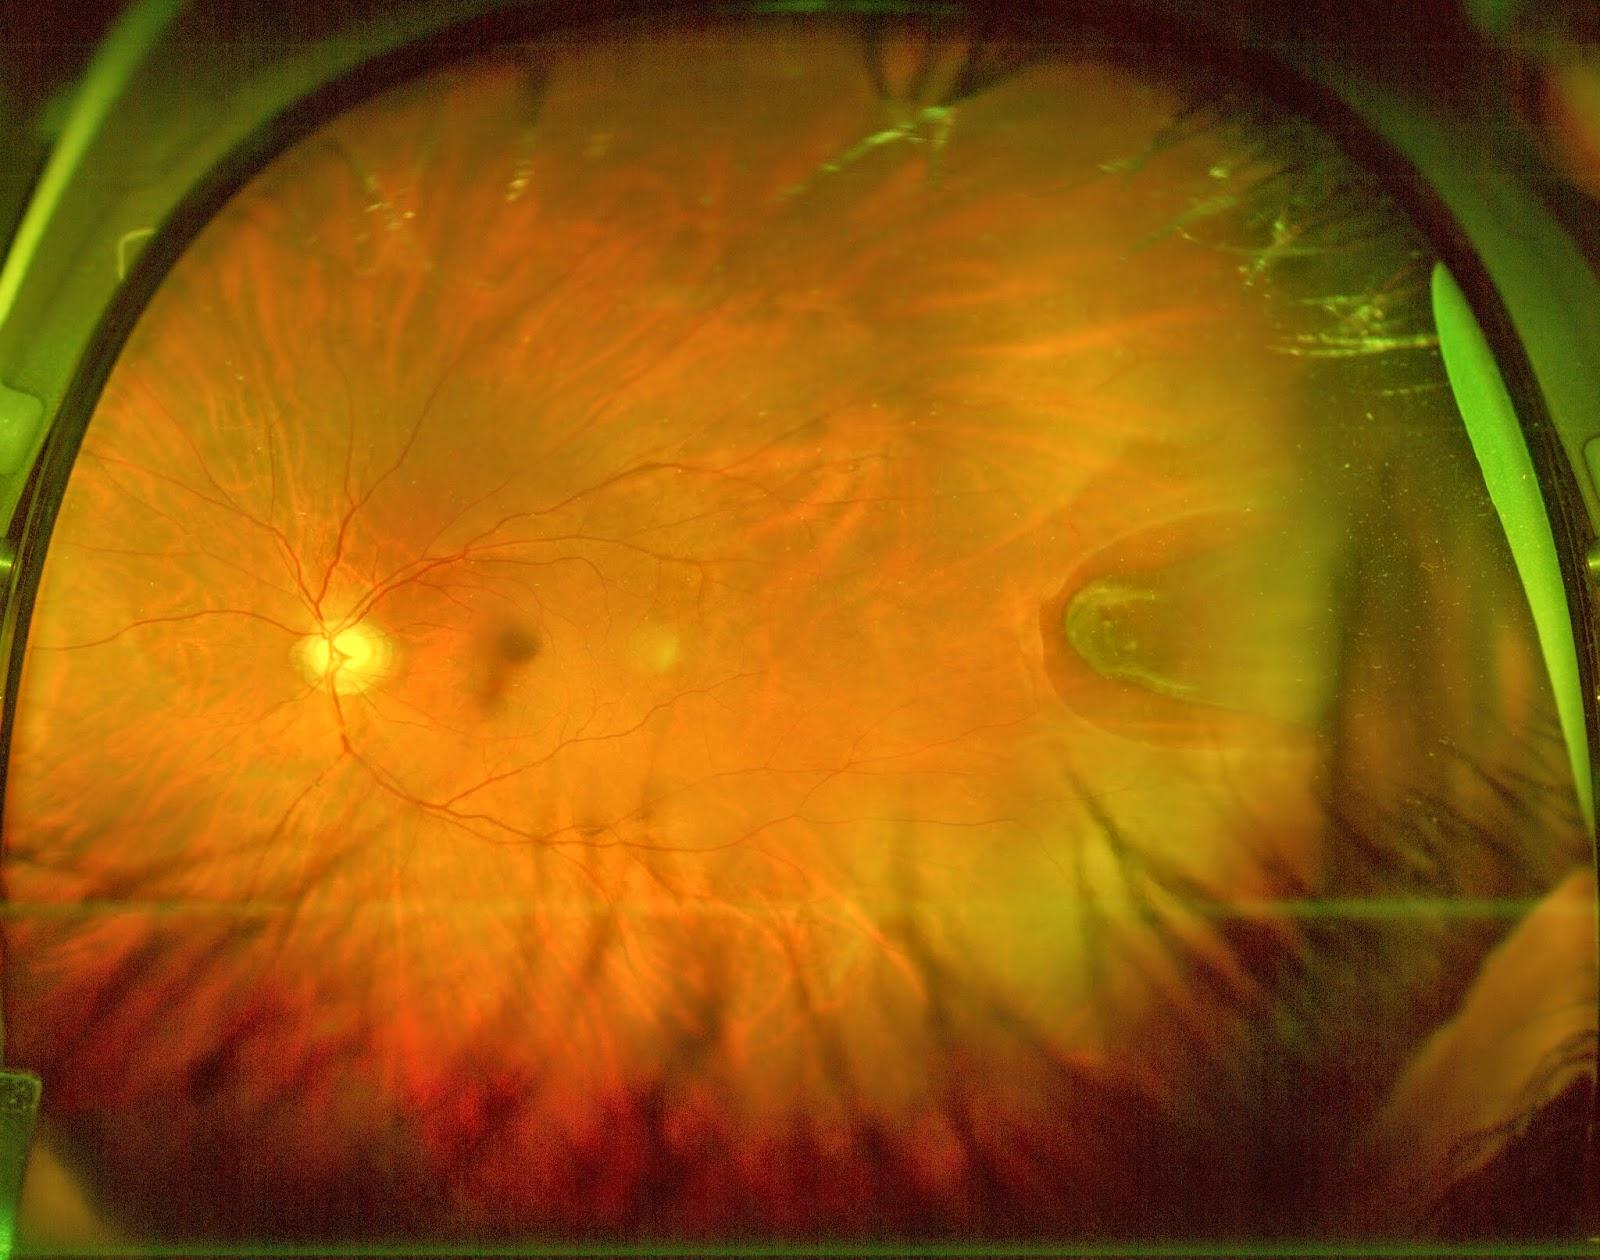 Retinal 'U' tear